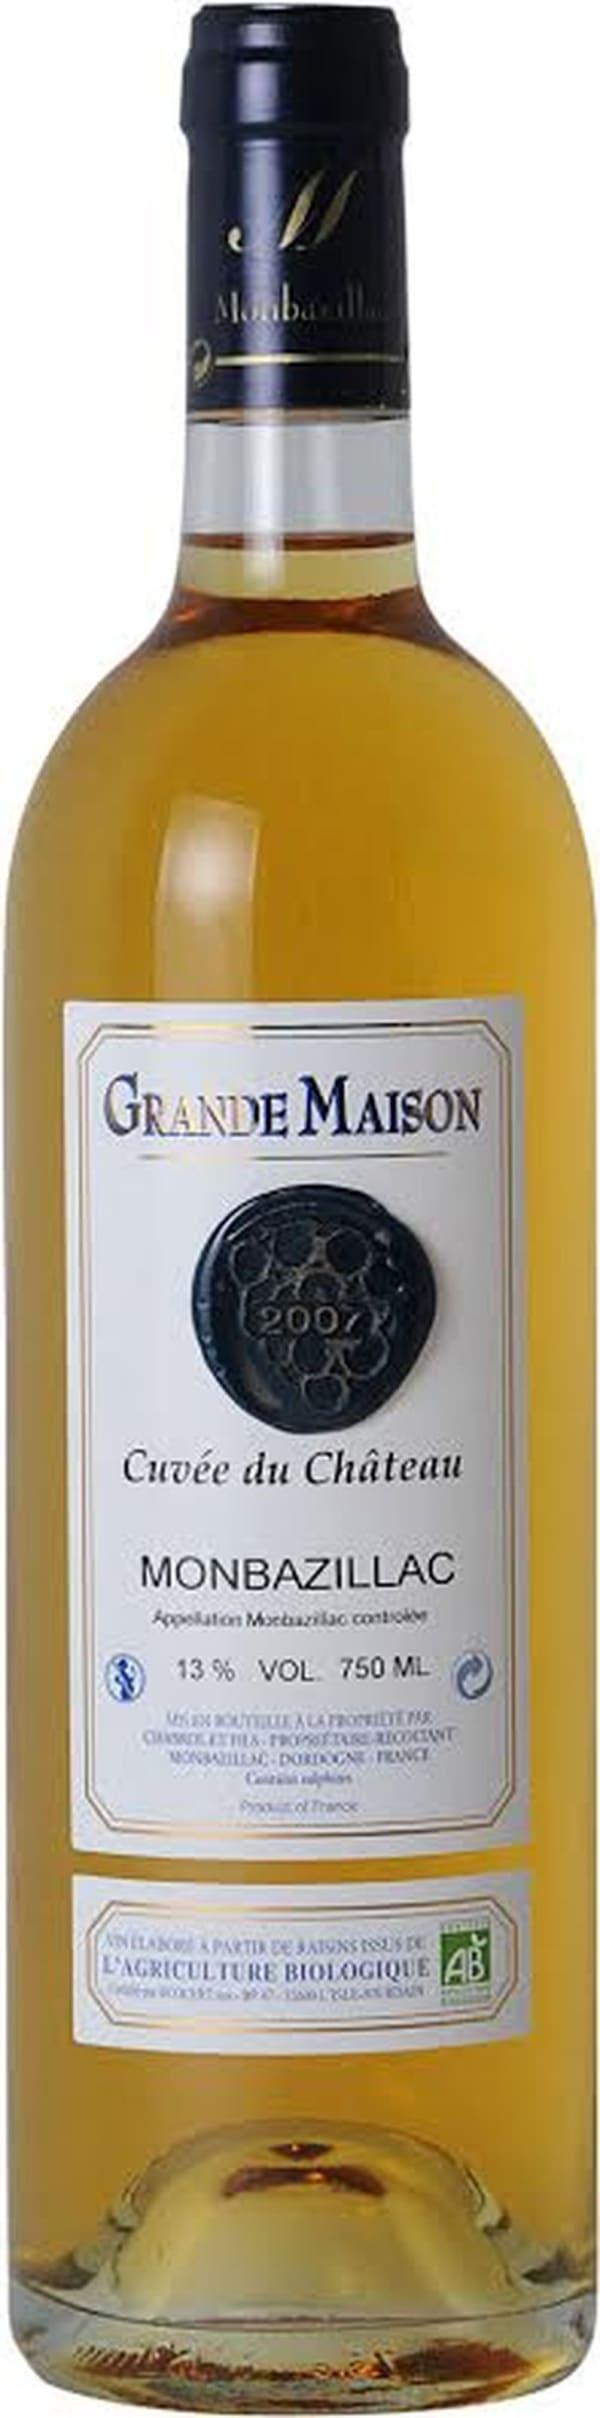 Monbazillac Cuvée du Château 2007